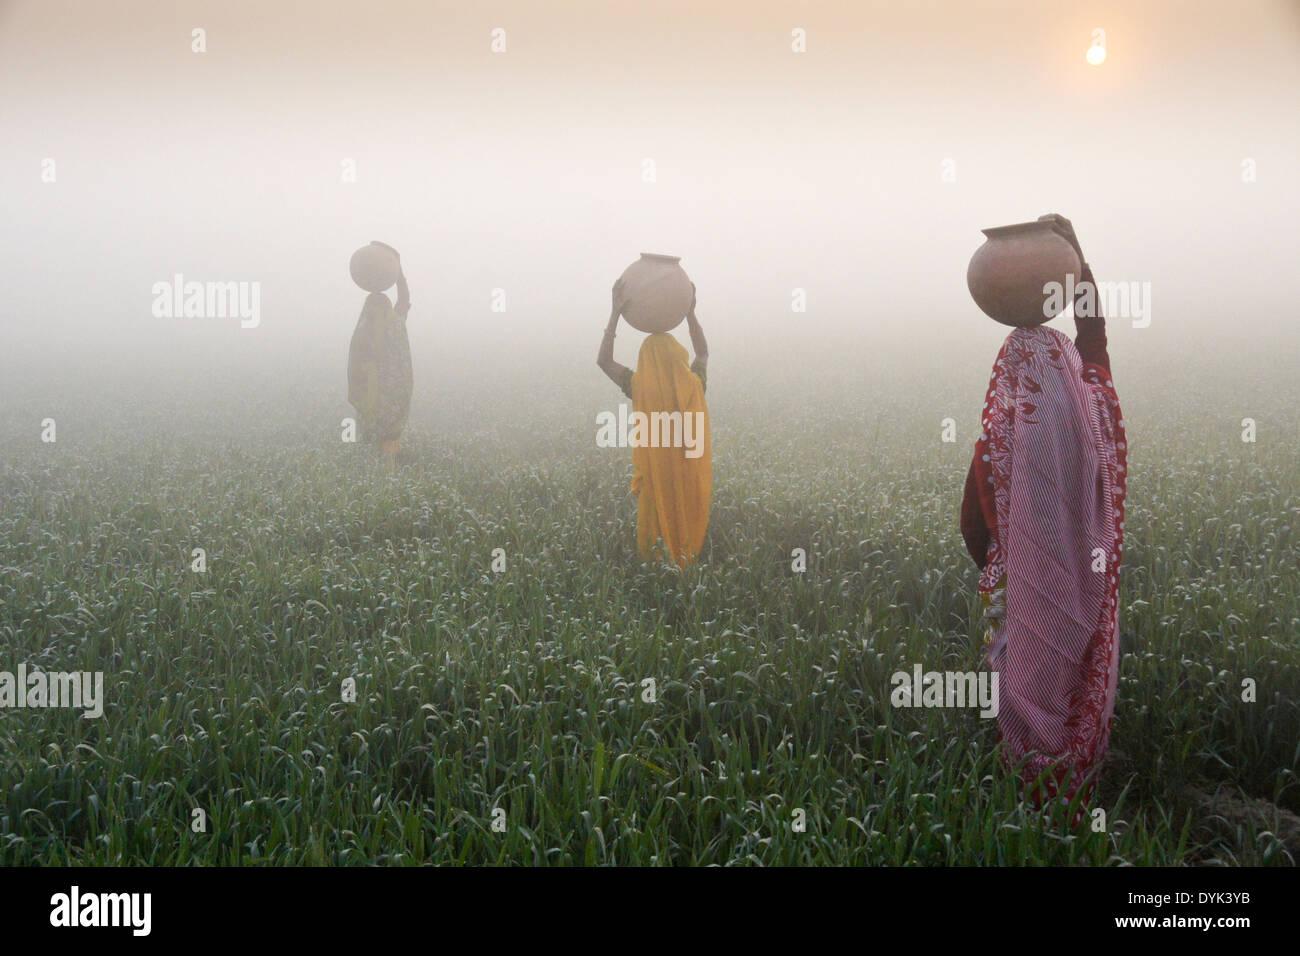 Las mujeres con jarras de agua sobre la cabeza, caminando a través de campos de arroz al amanecer en una mañana neblinosa, India Imagen De Stock